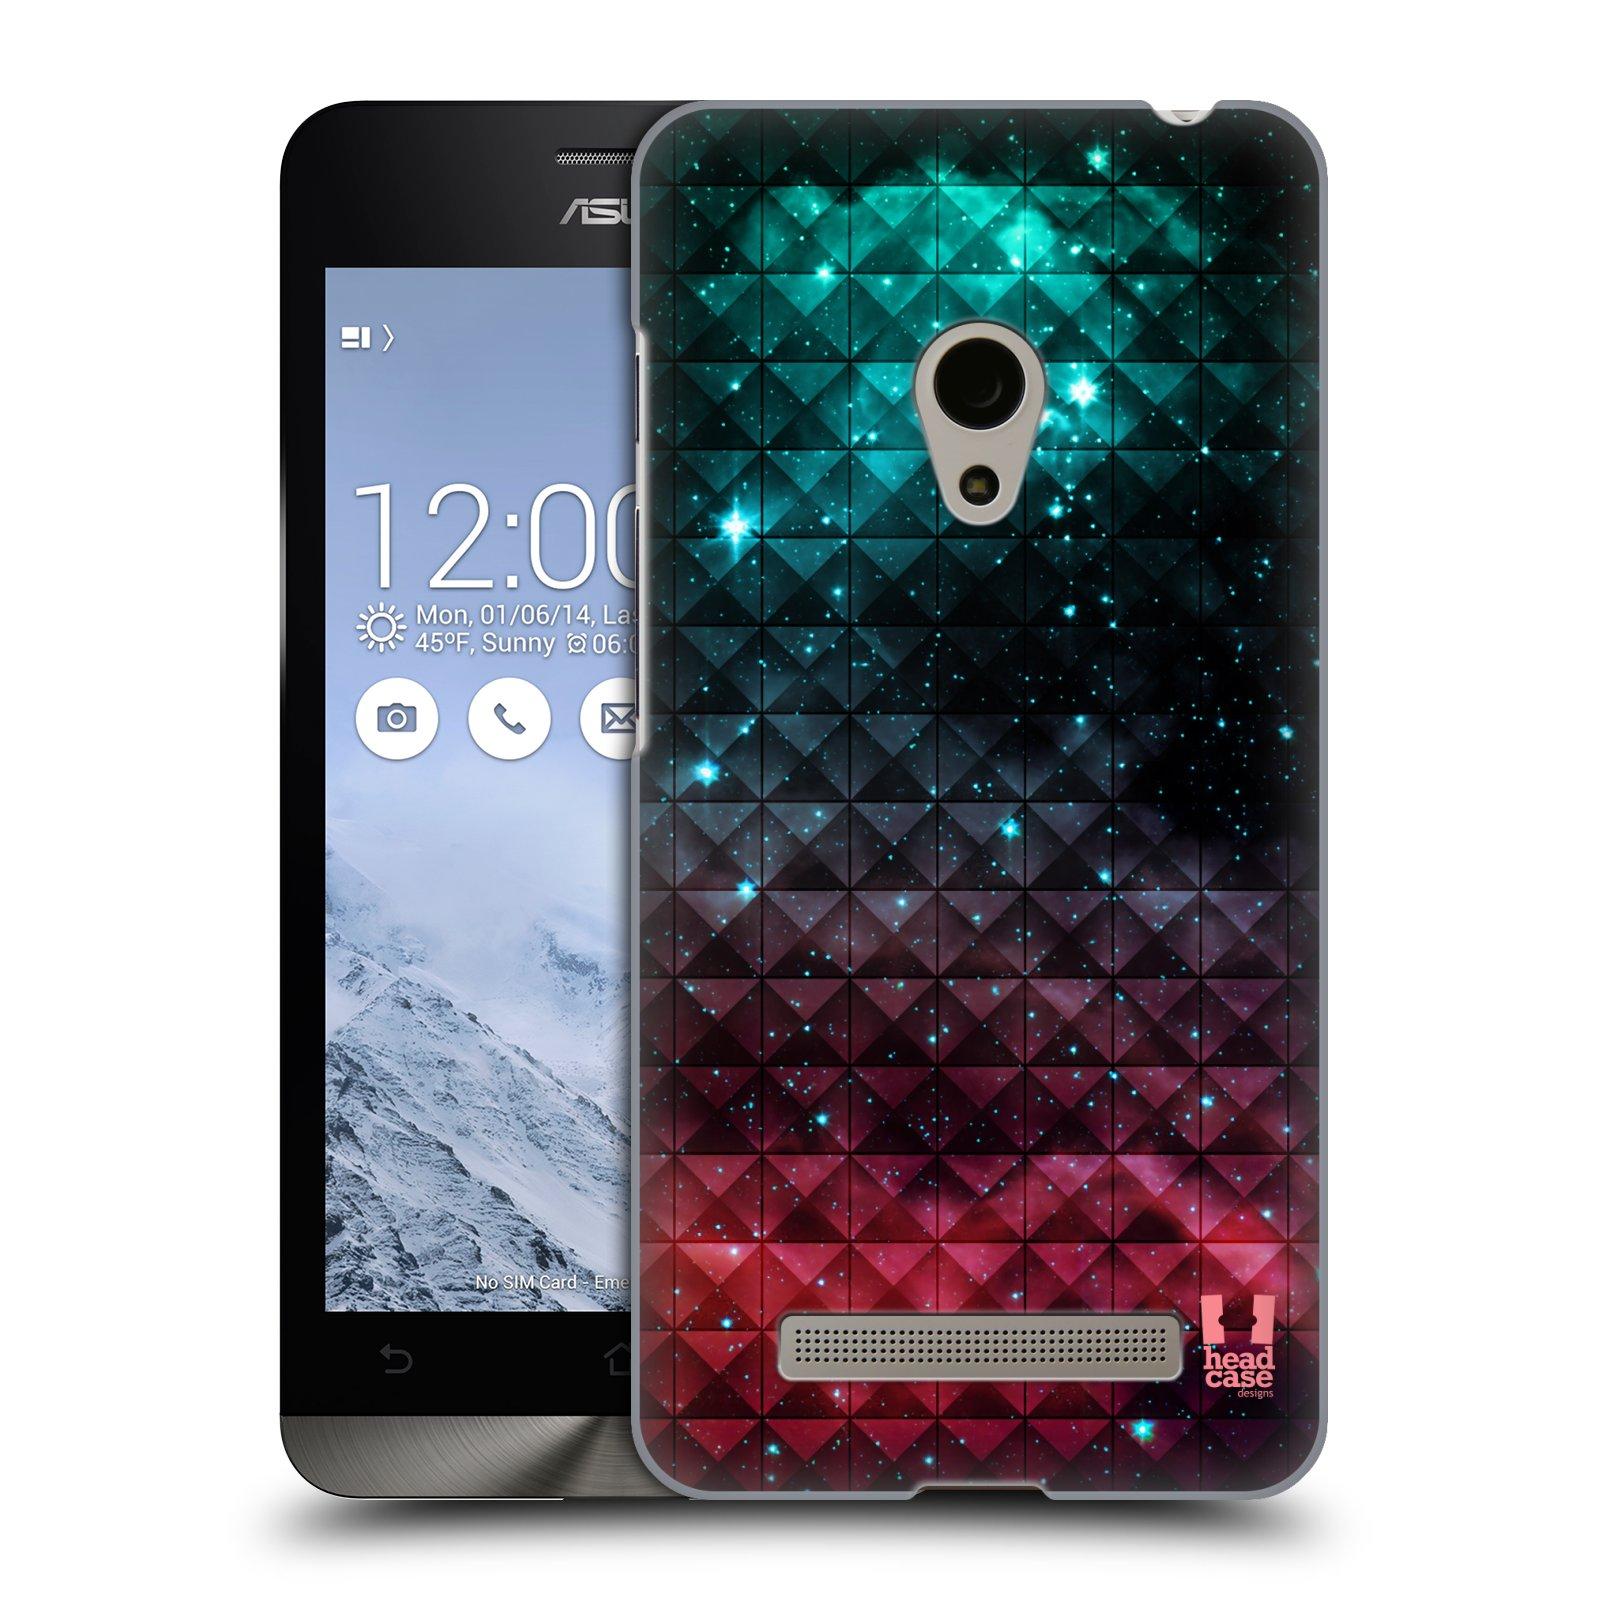 HEAD CASE plastový obal na mobil Asus Zenfone 5 vzor Hvězdná obloha hvězdy a slunce RUDÁ A MODRÁ